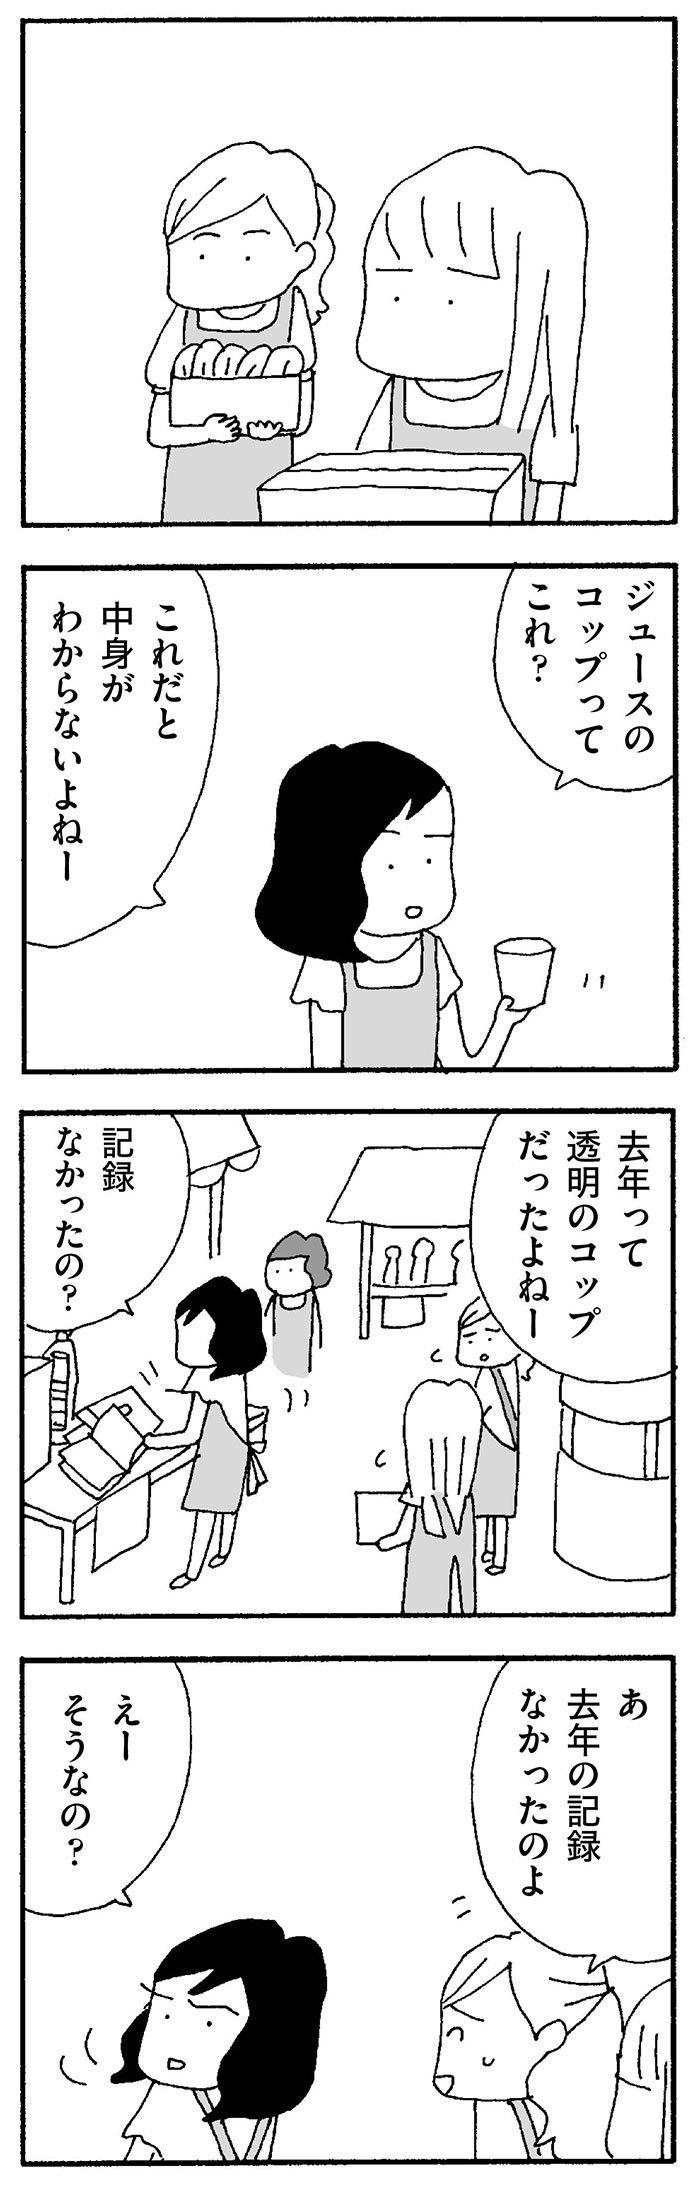 【連載】ママ友がこわい 第4話 「どうして嫌われちゃったんだろう・・・」の画像10